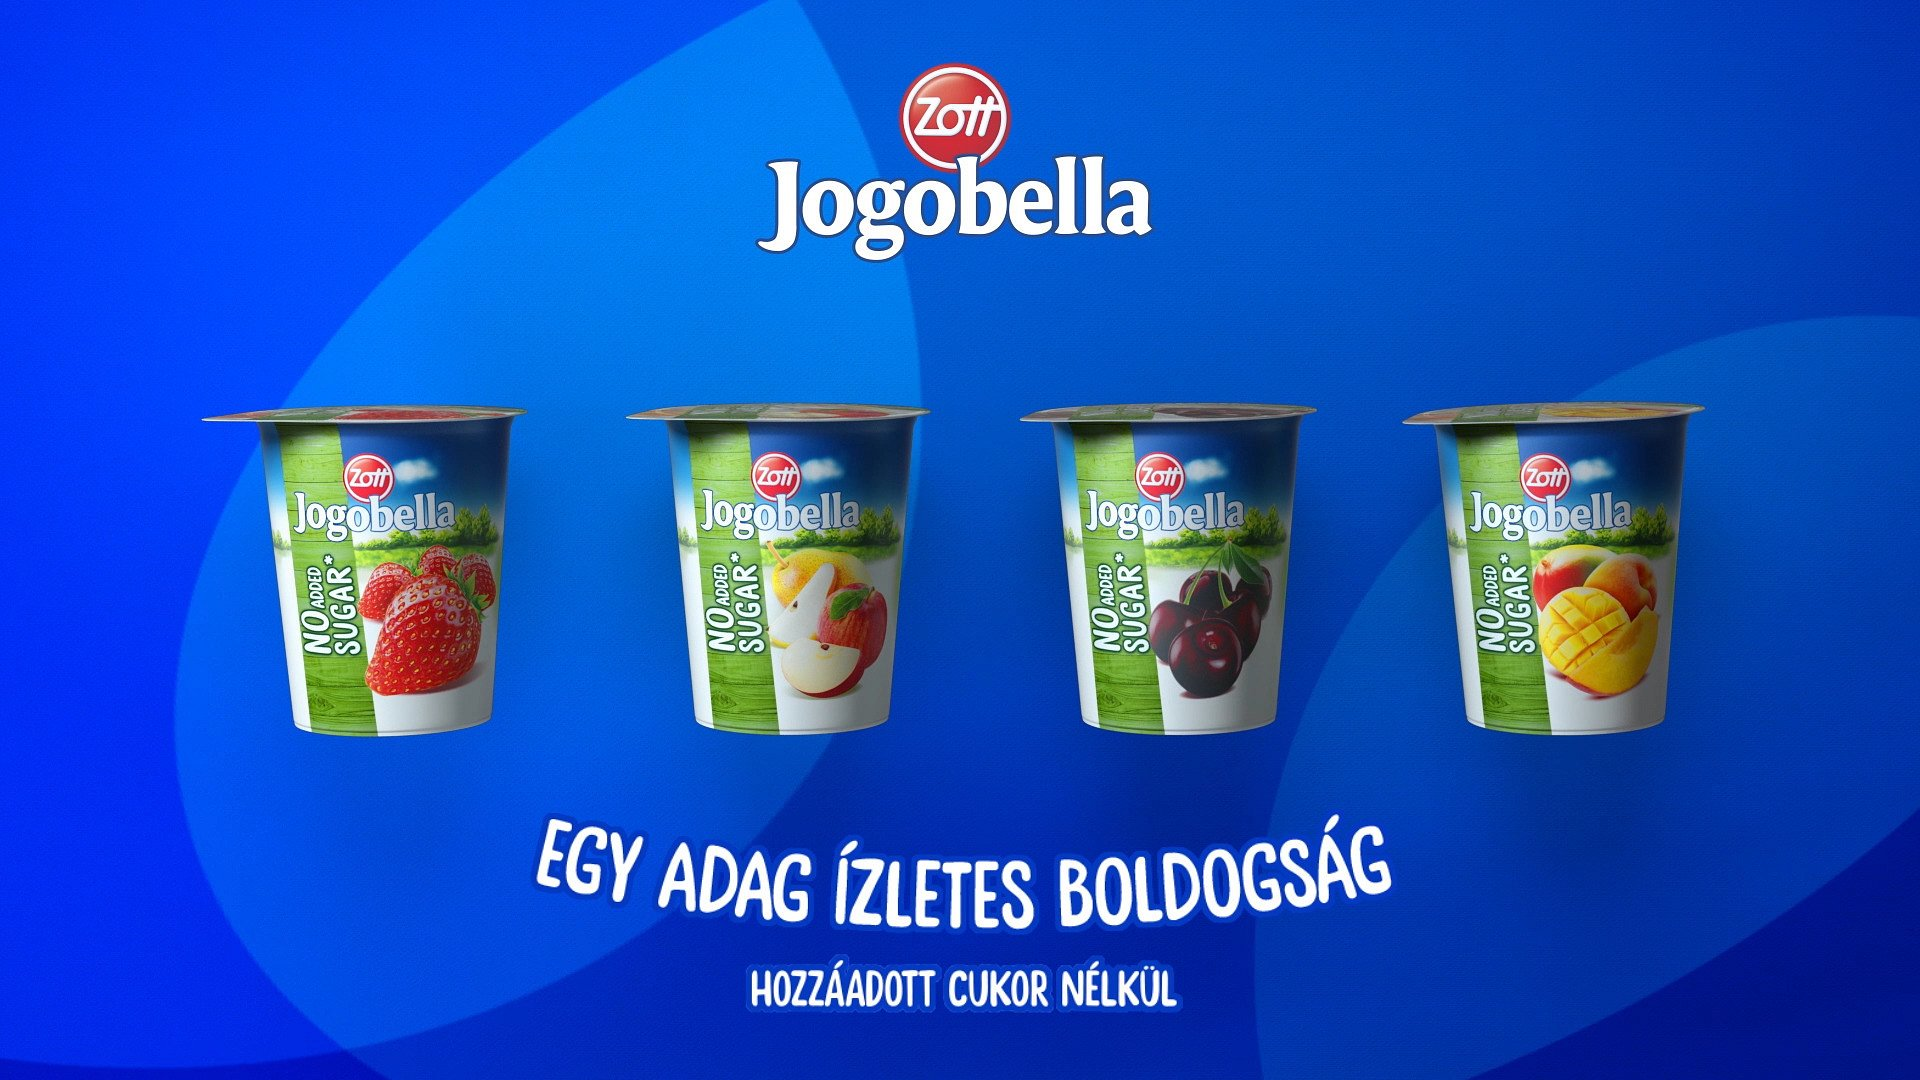 BBDO Warszawa dla marki Jogobella na Bałkanach i Węgrzech